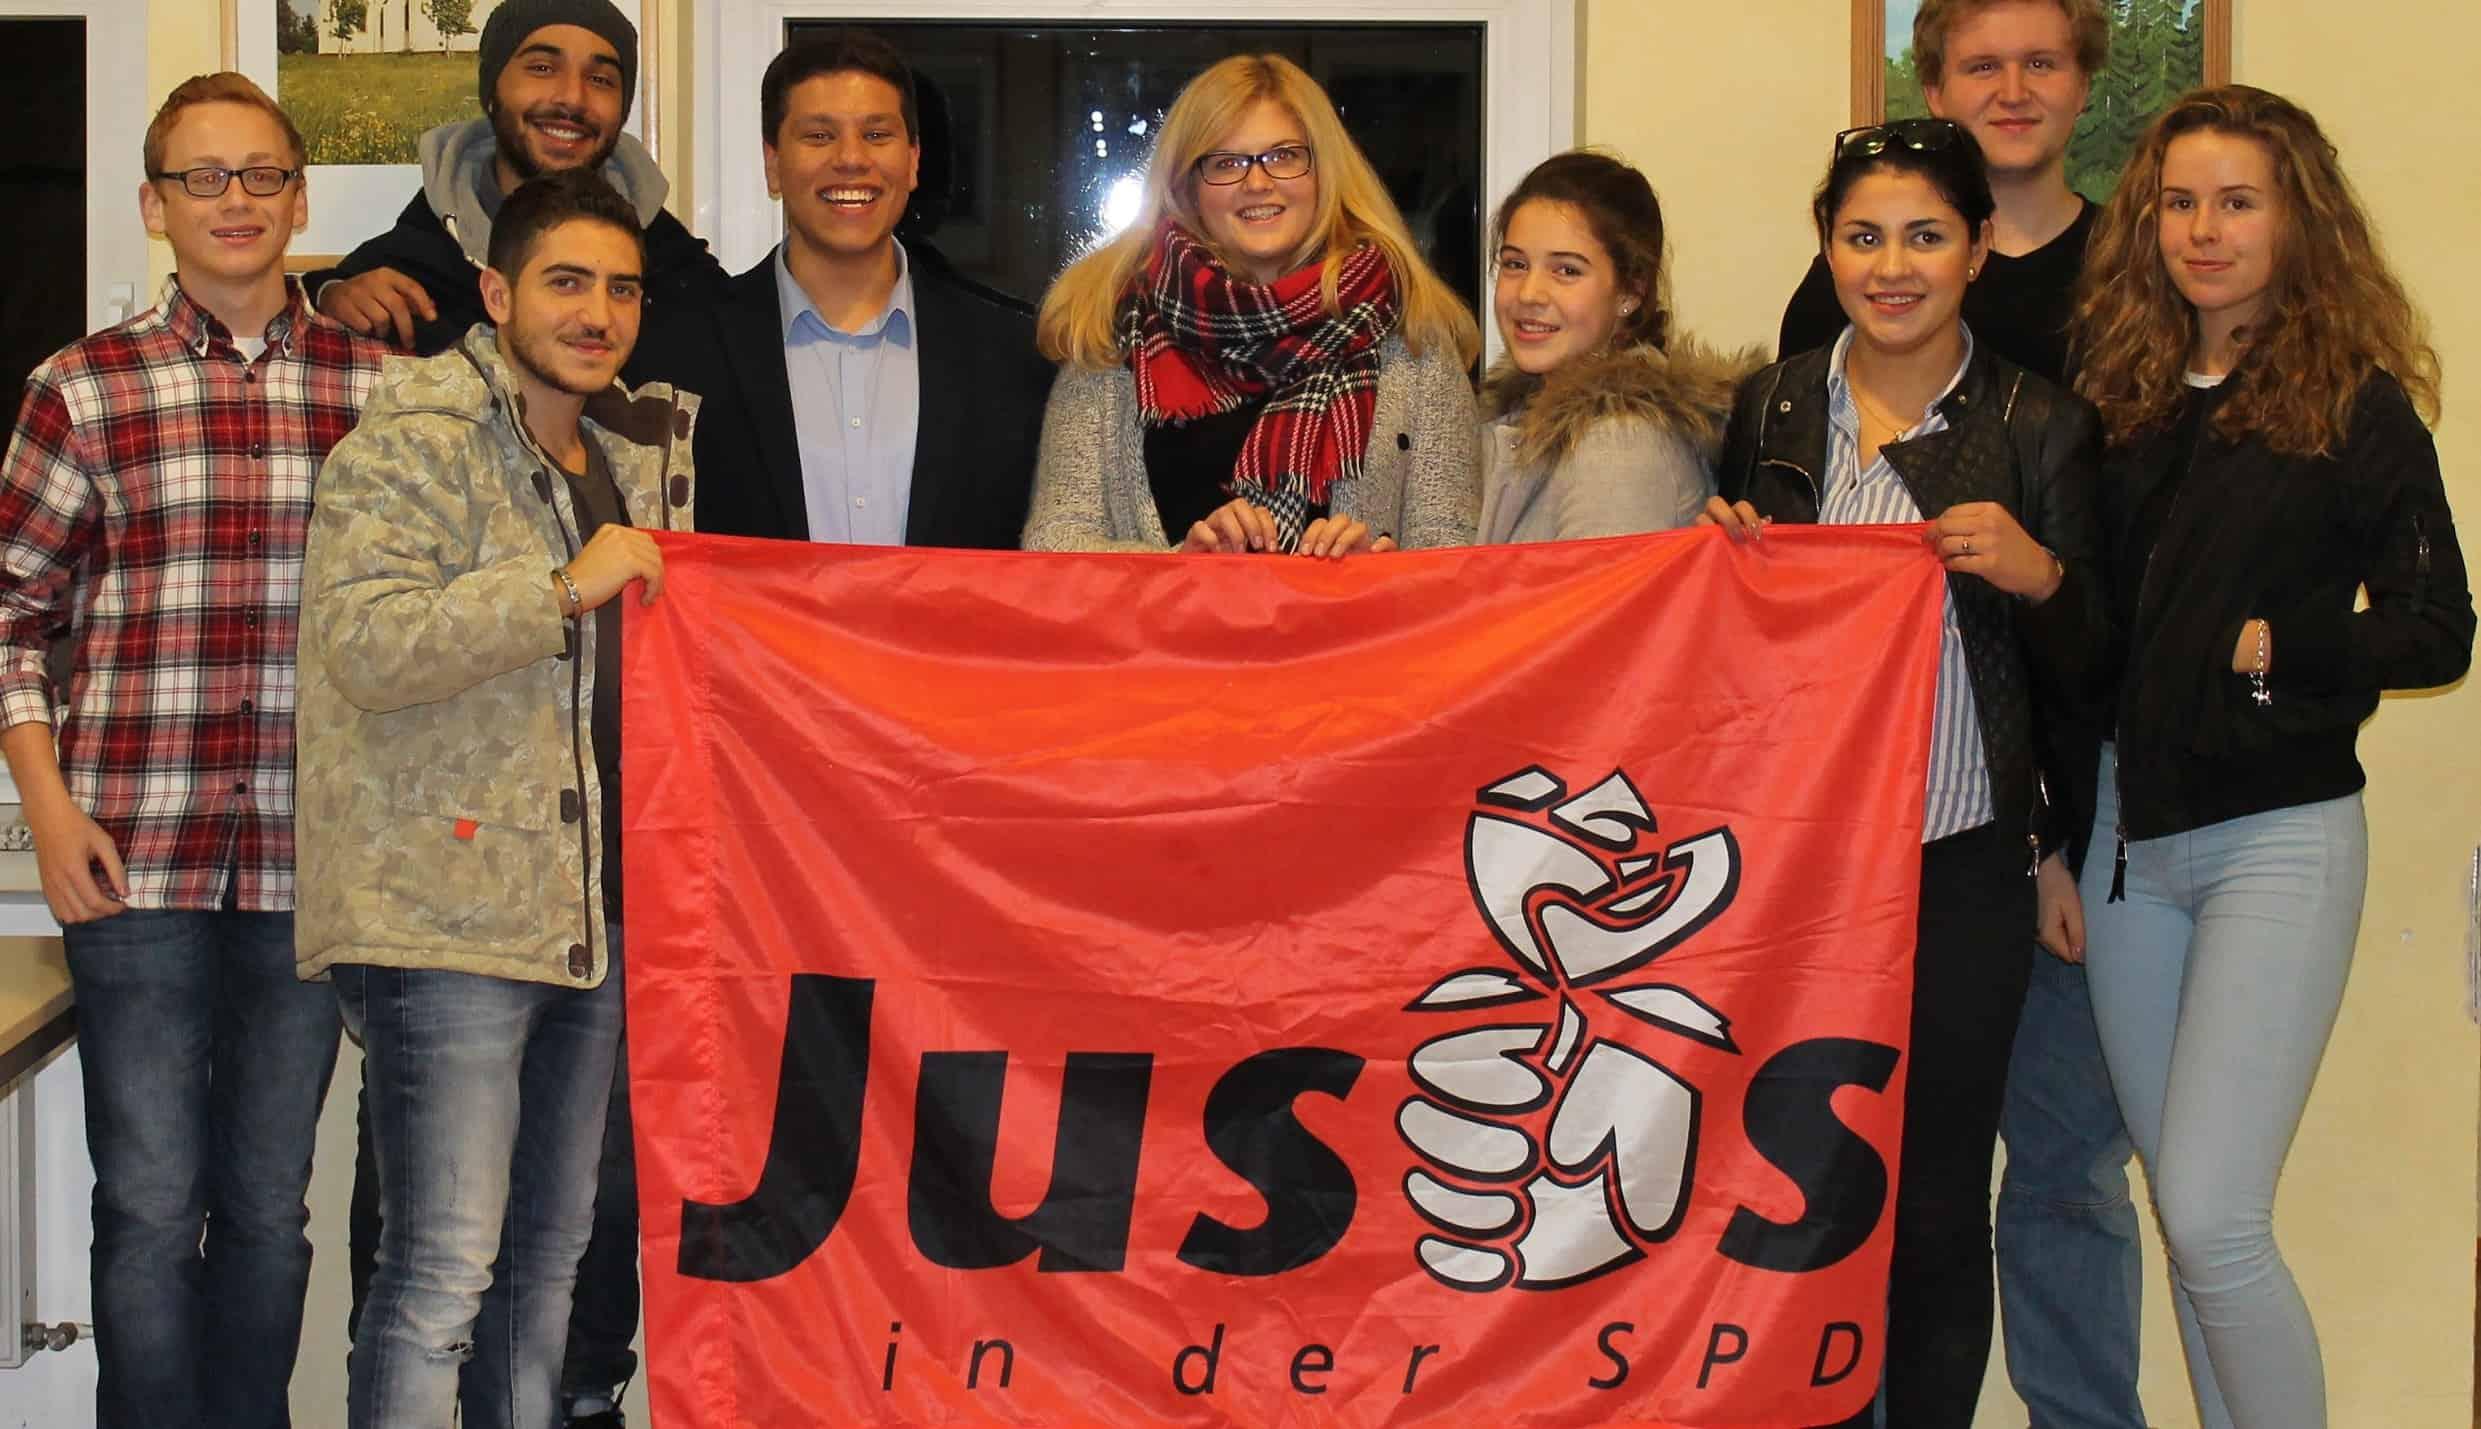 SPD-Jungpolitiker debattieren über Flüchtlinge